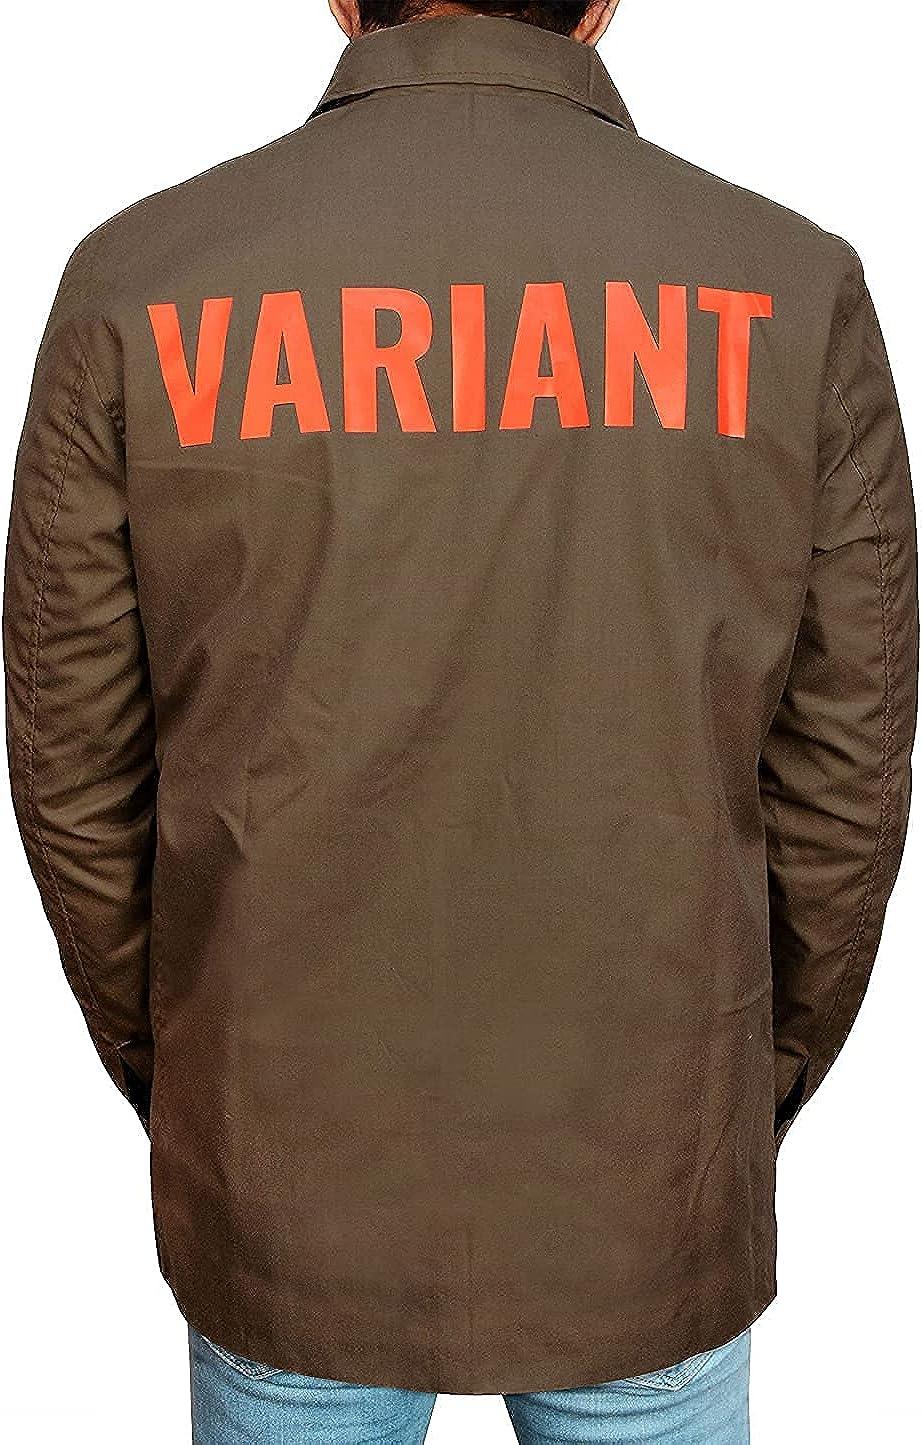 Loki TVA Cotton Jacket - Men Casual Brown Lightweight Cotton Variant Jacket